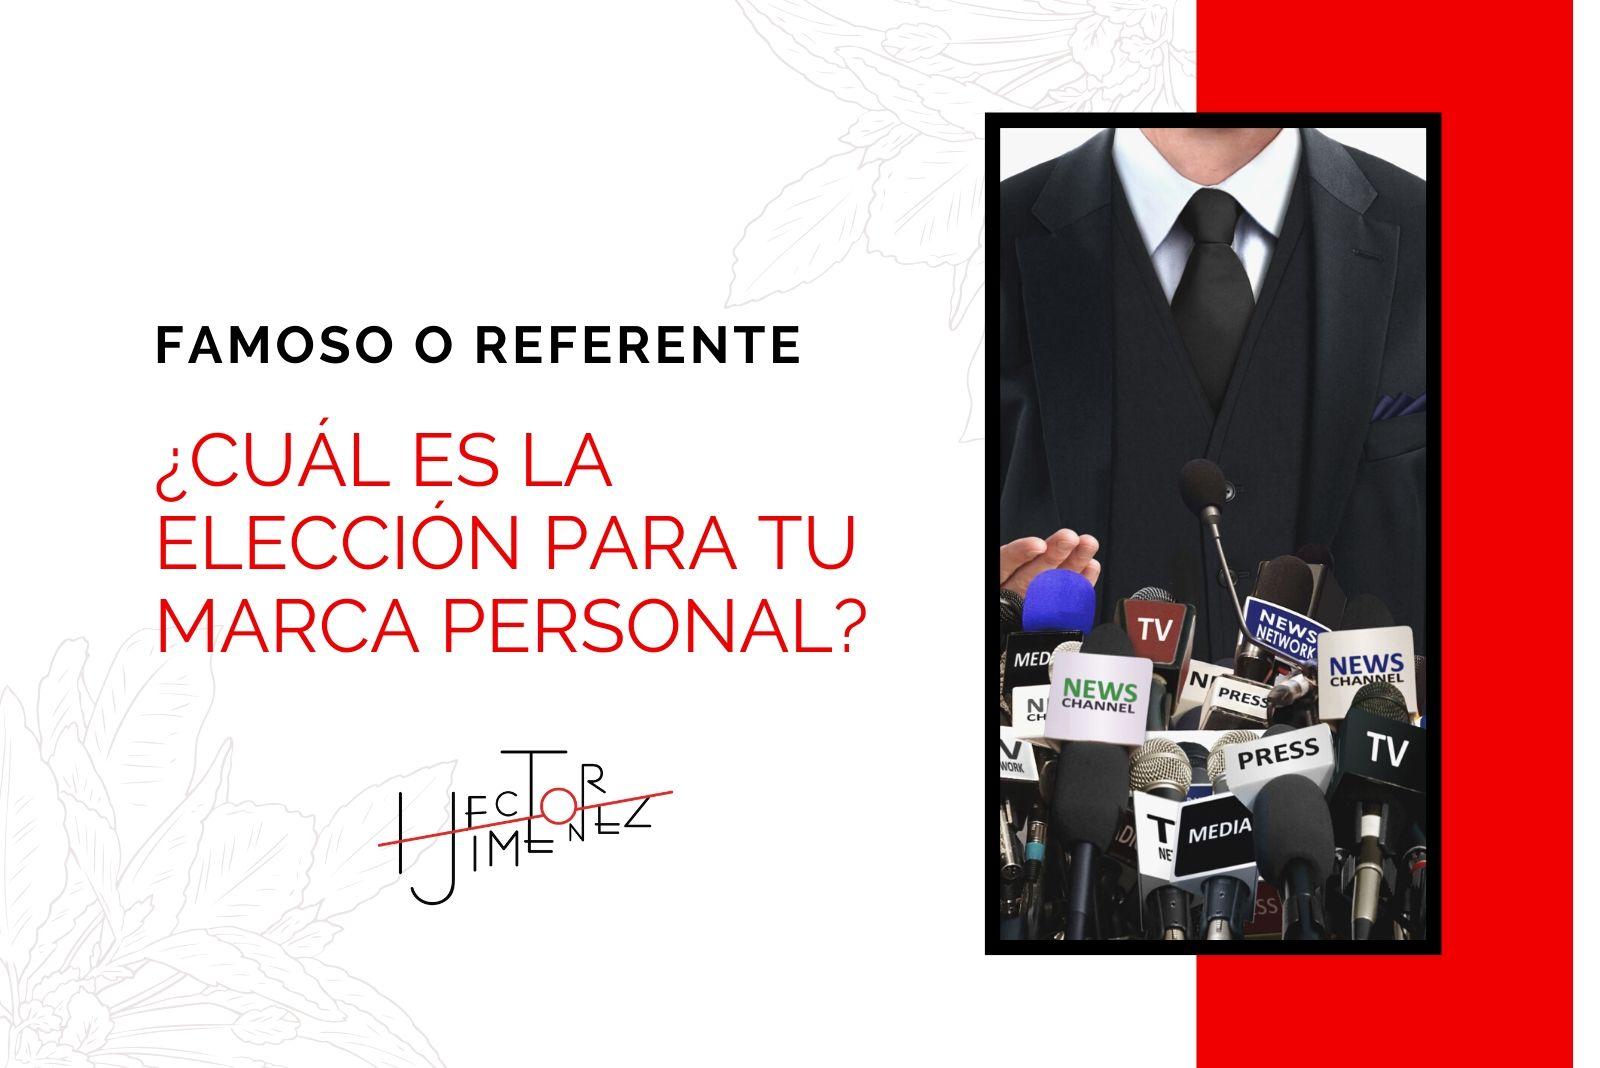 Hector Jimenez - Famoso o Referente - Cuál Es La Elección Para Tu Marca Personal - 1